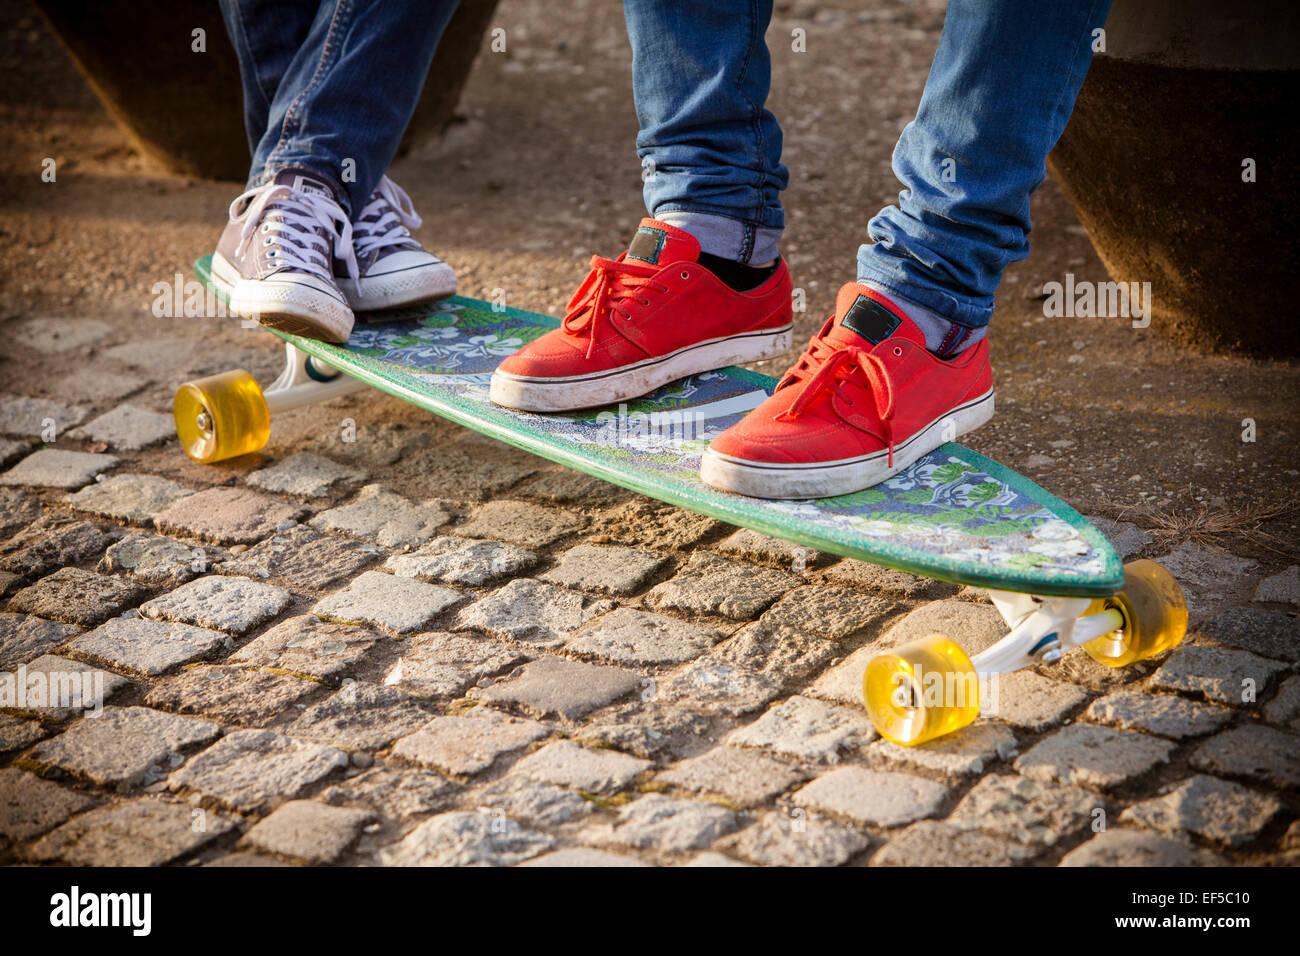 Calzado deportivo en monopatín Imagen De Stock